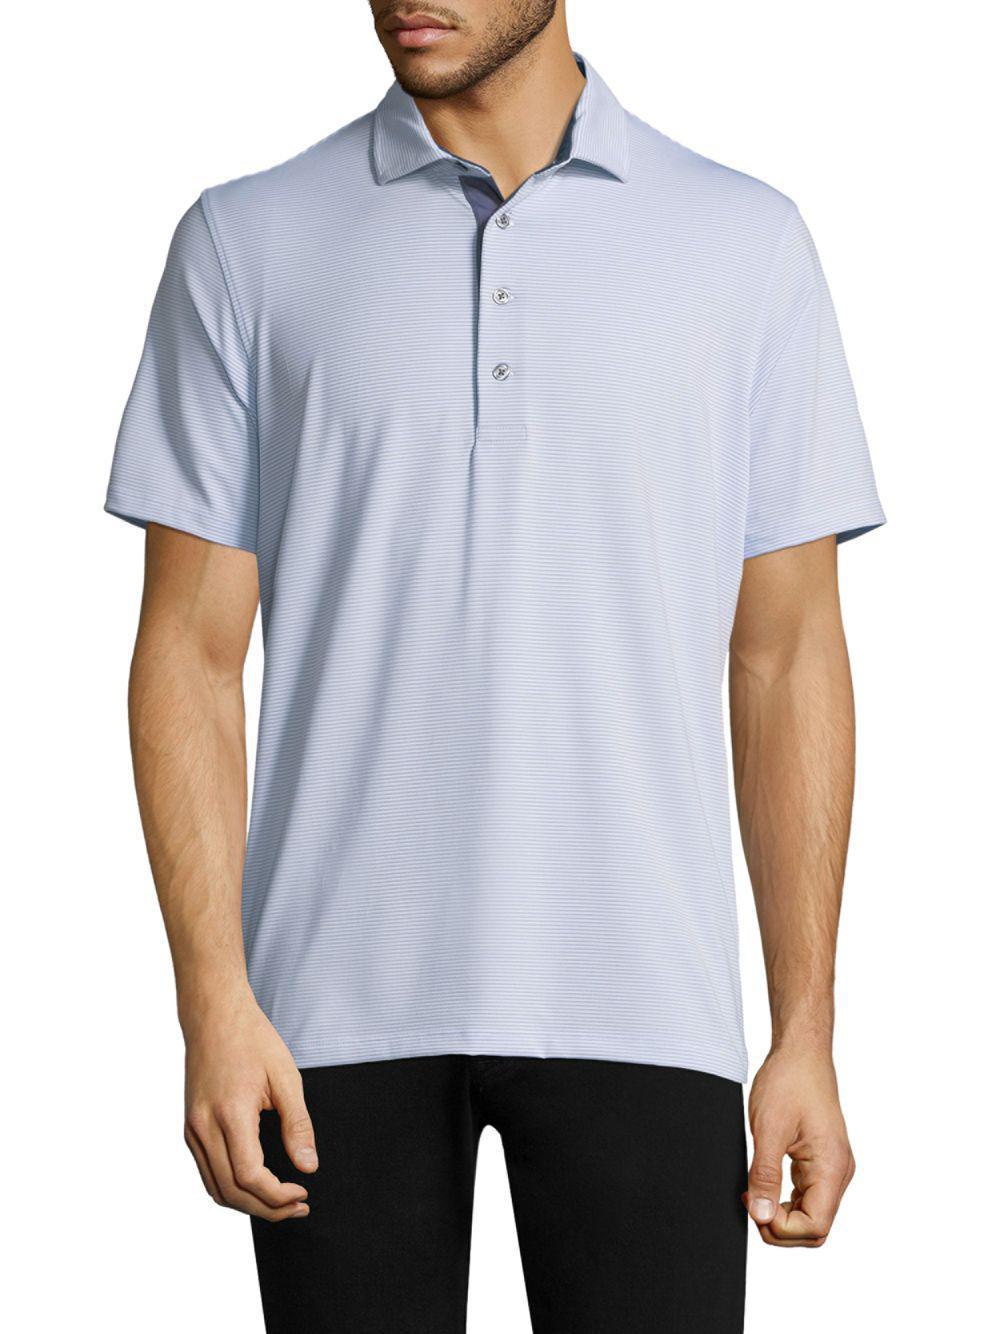 6814efd4 Lyst - Greyson Grey Saranac Striped Polo for Men - Save 25%